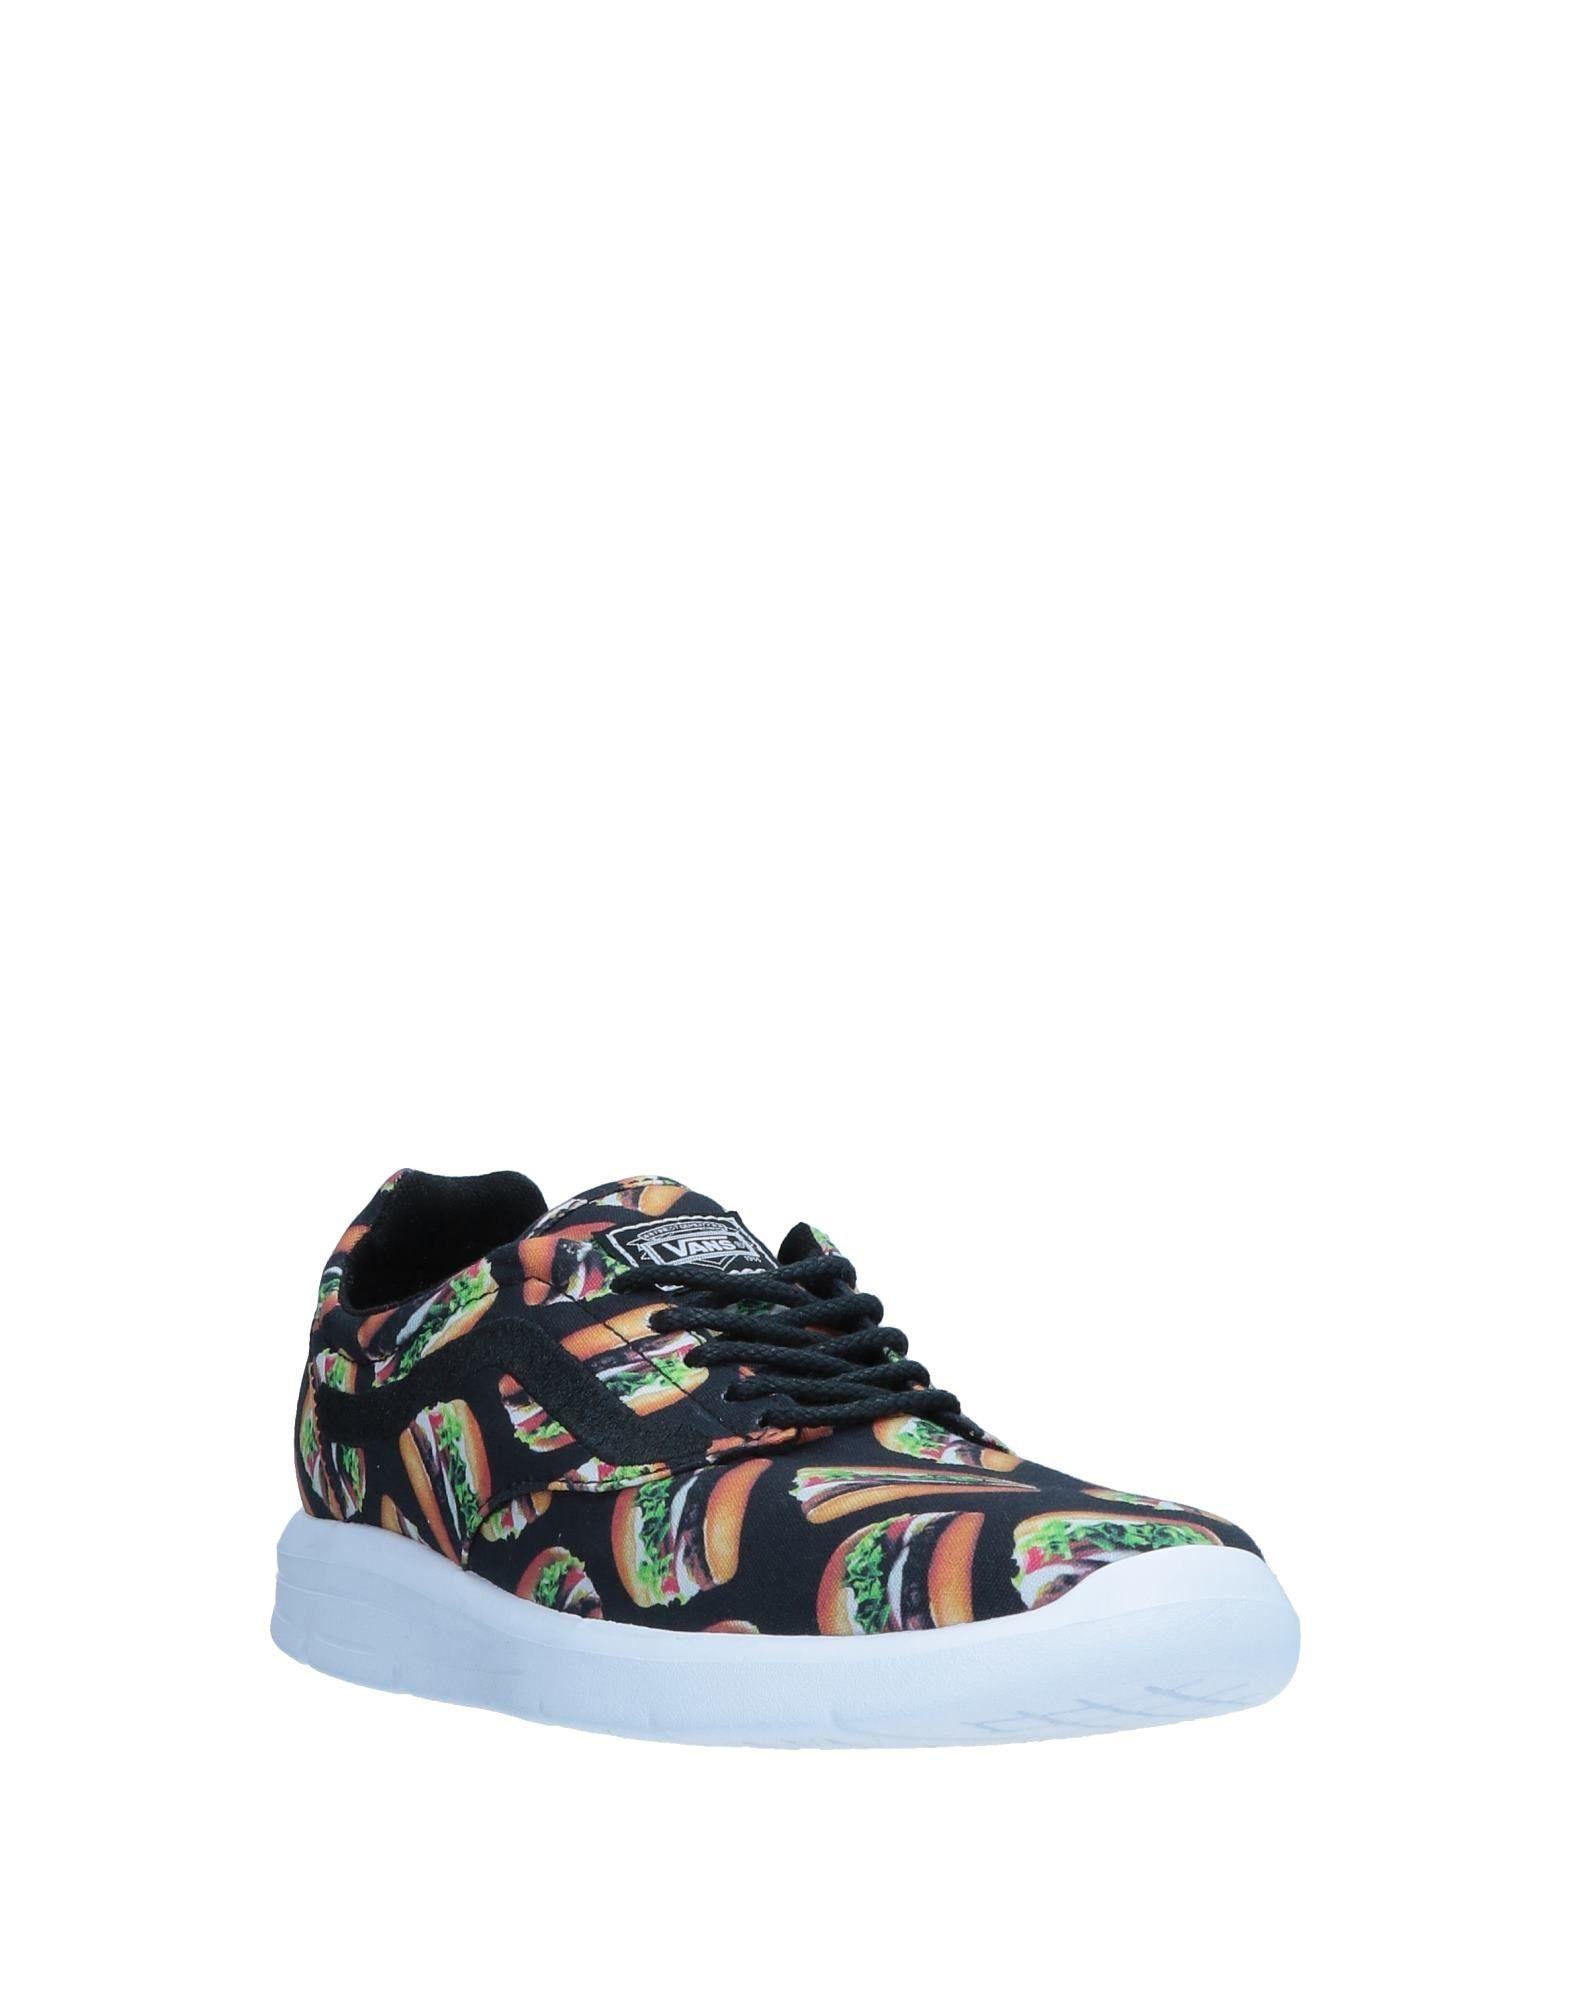 Rabatt echte Sneakers Schuhe Vans Sneakers echte Herren  11555647IC 35135a